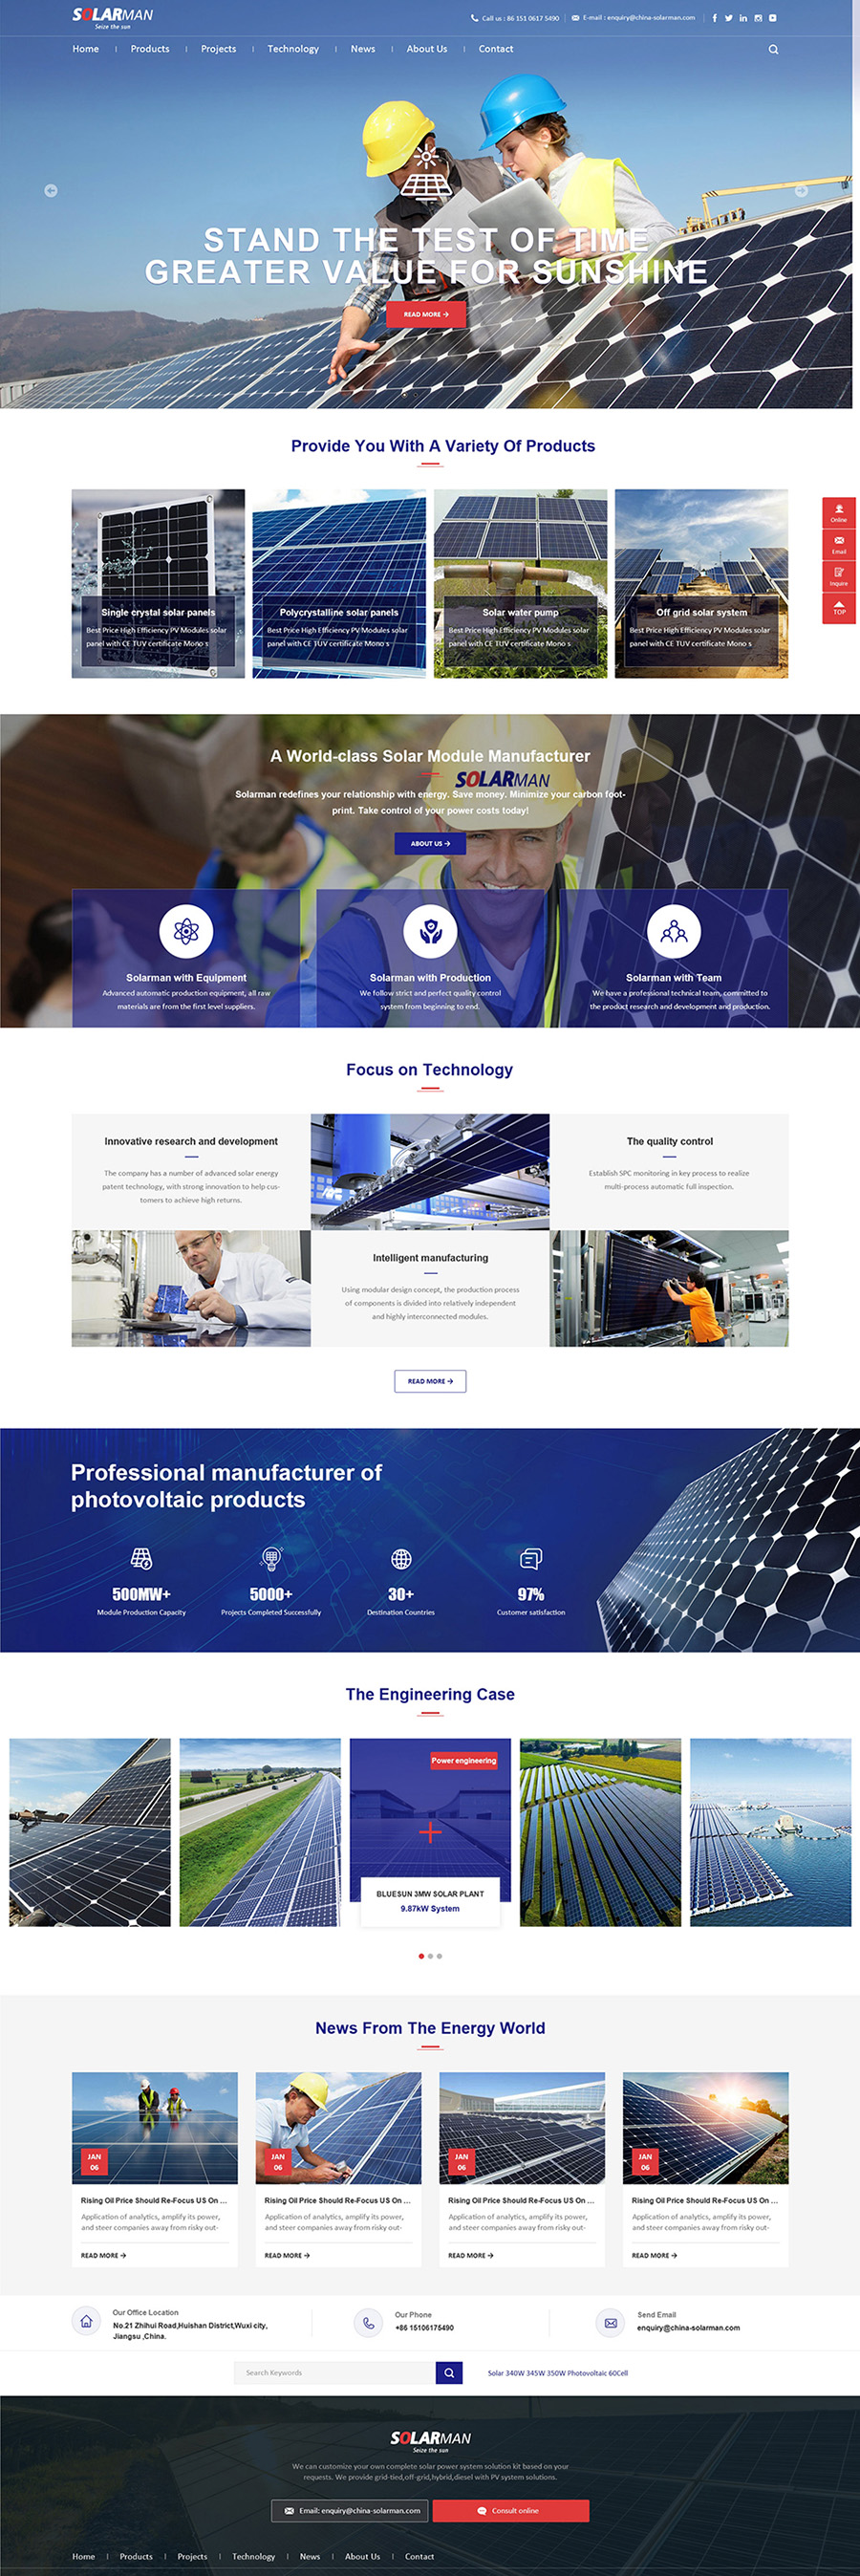 光伏行业英文外贸网站设计效果图